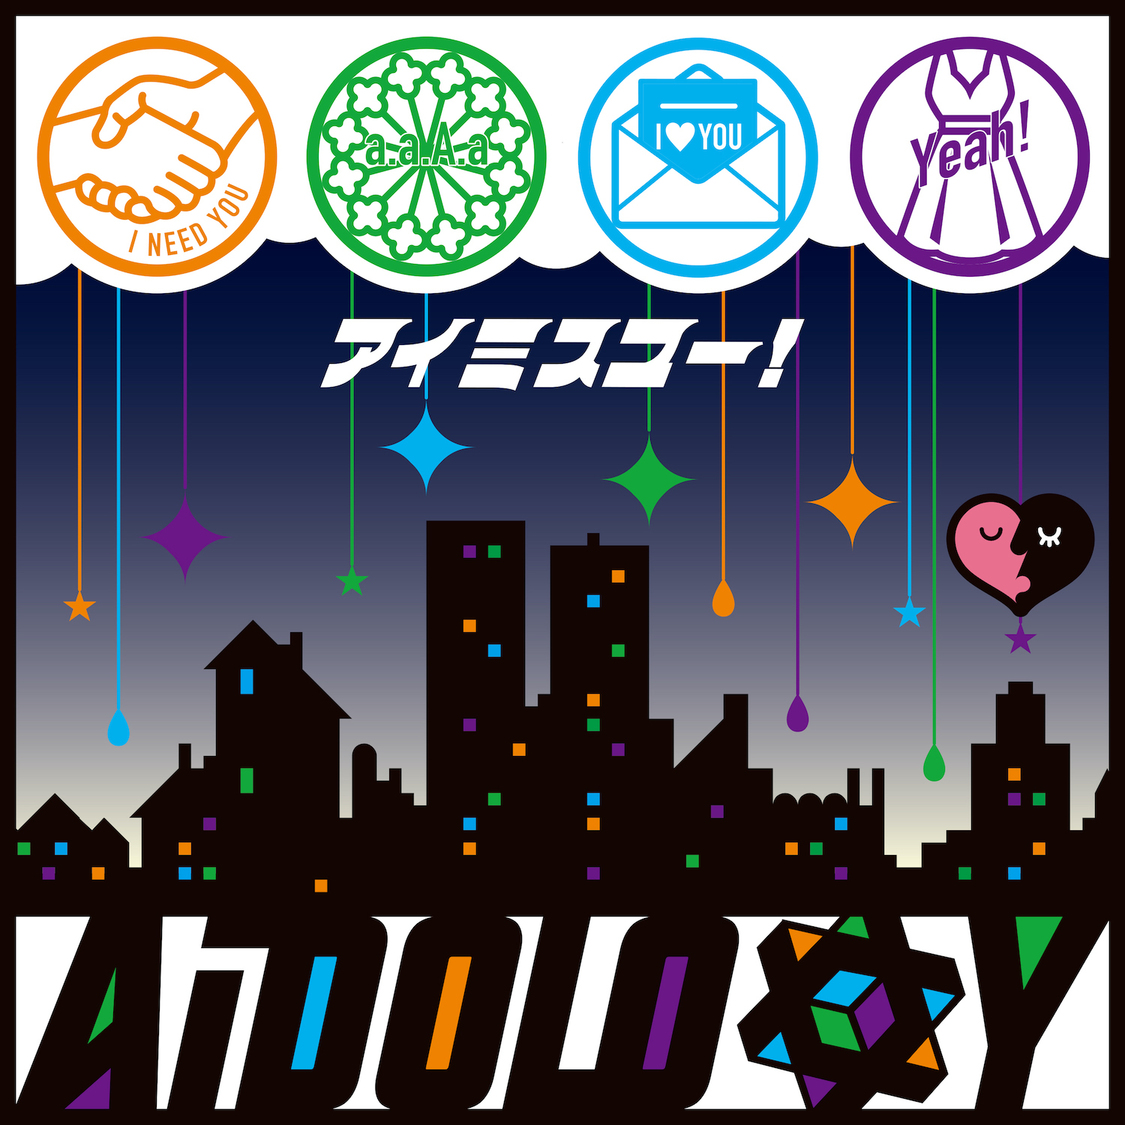 AiDOLOXXXY、新曲「アイミスユー!」配信スタート!